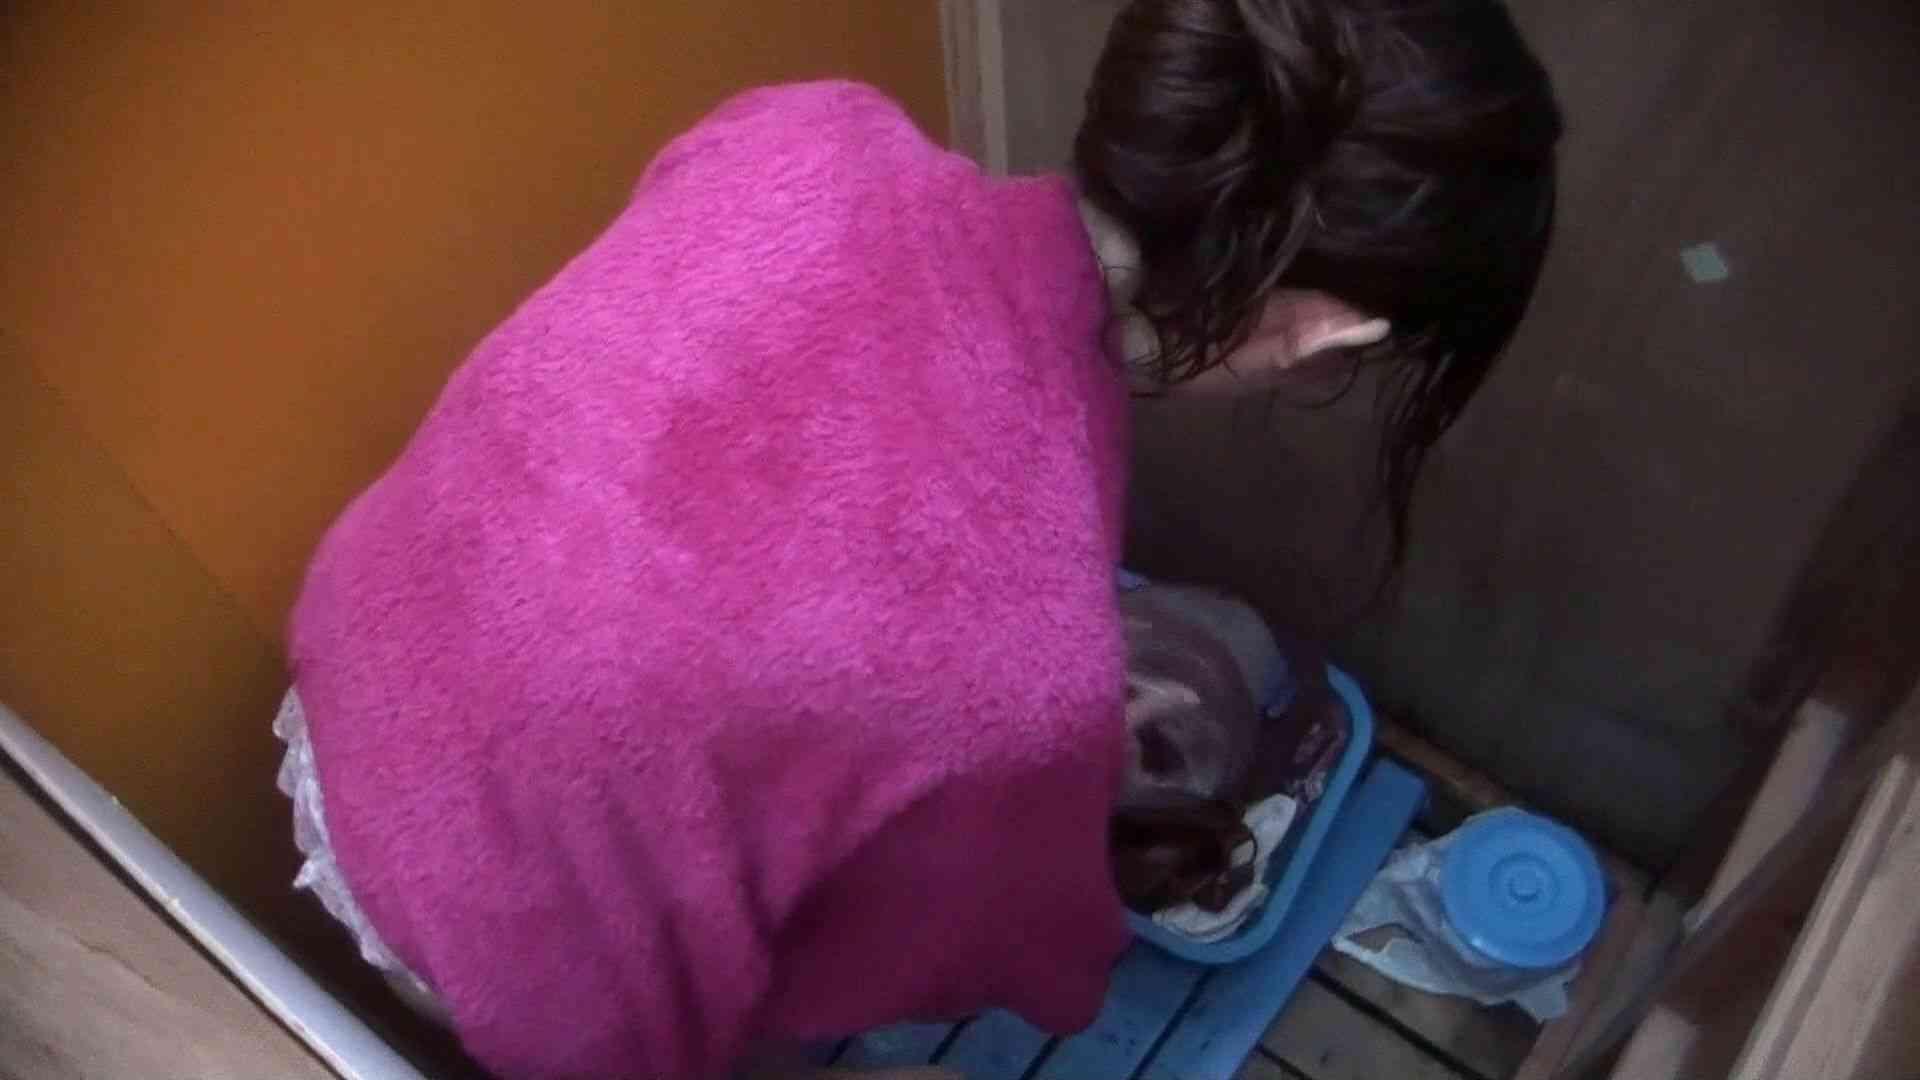 シャワールームは超!!危険な香りVol.29 こっちを向いて欲しい貧乳姉さん シャワー セックス画像 67PICs 3